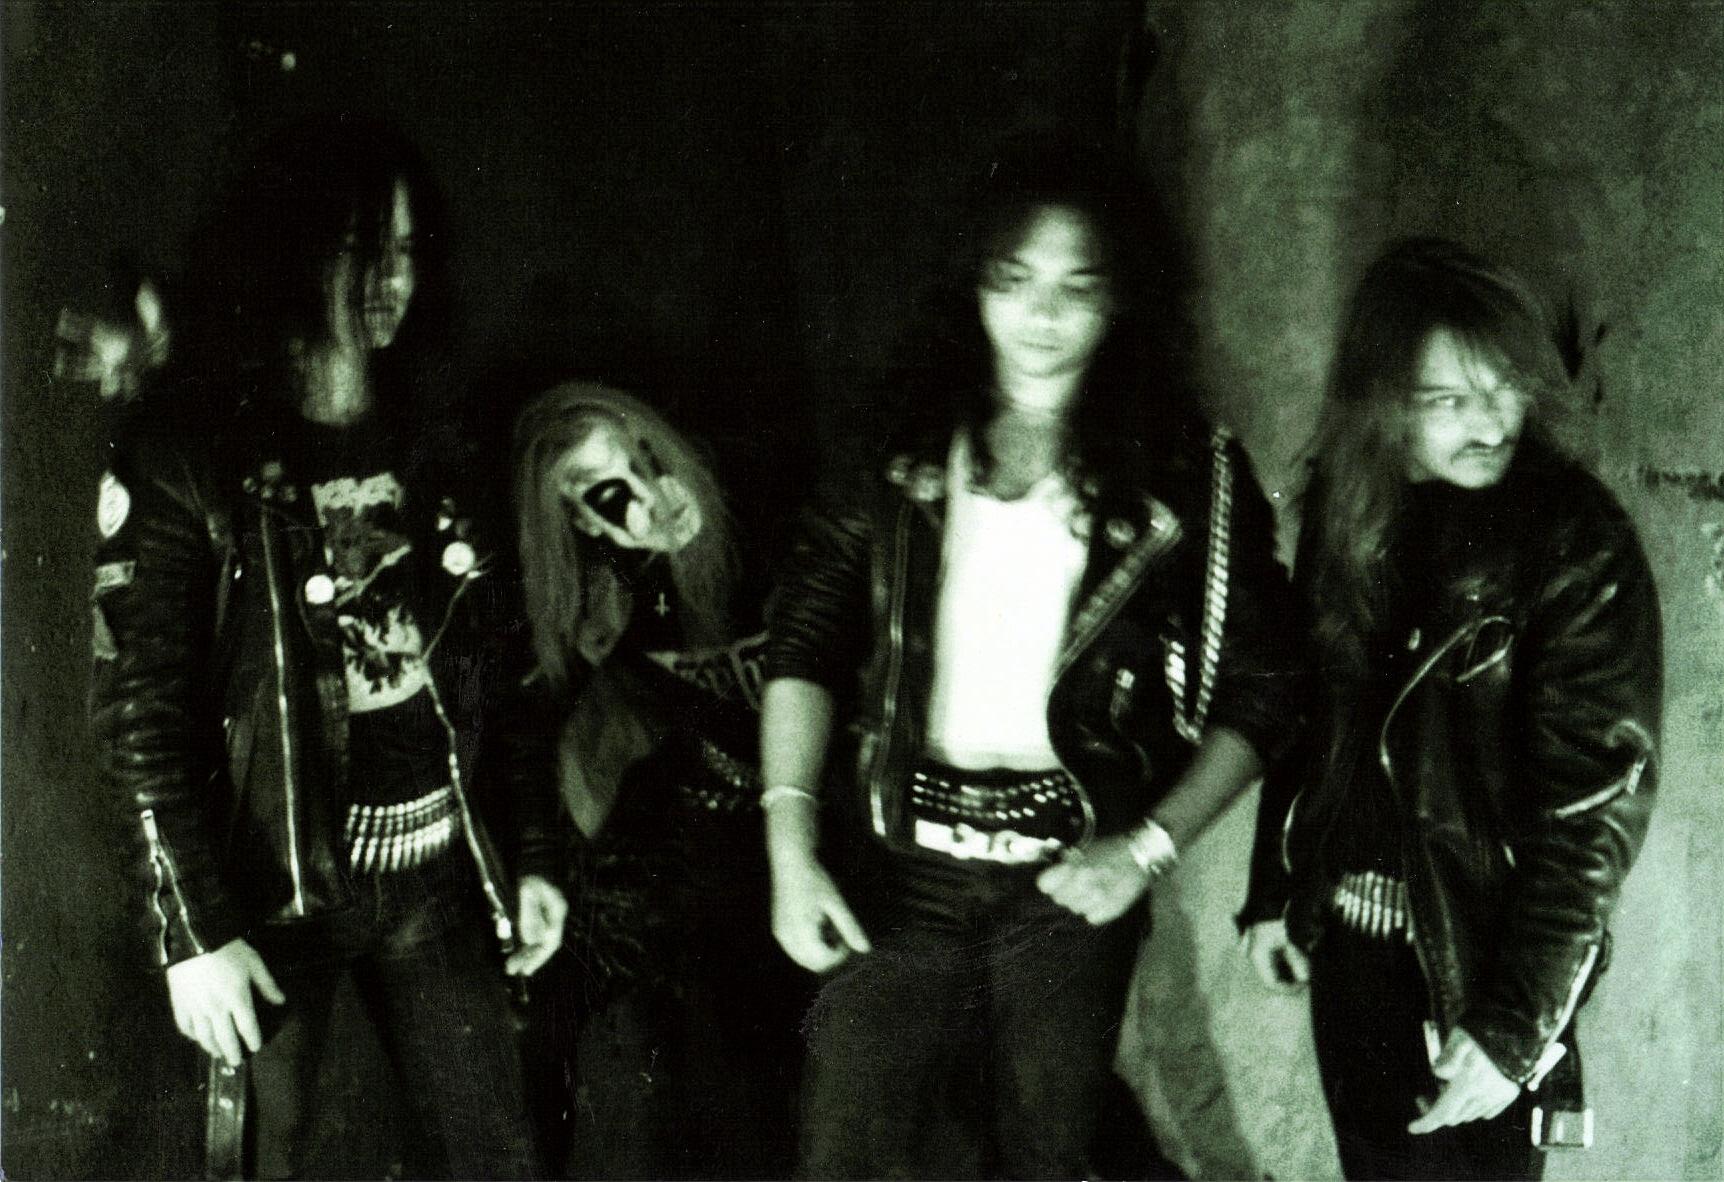 mayhem live 1990 a motley miscellany of oddities